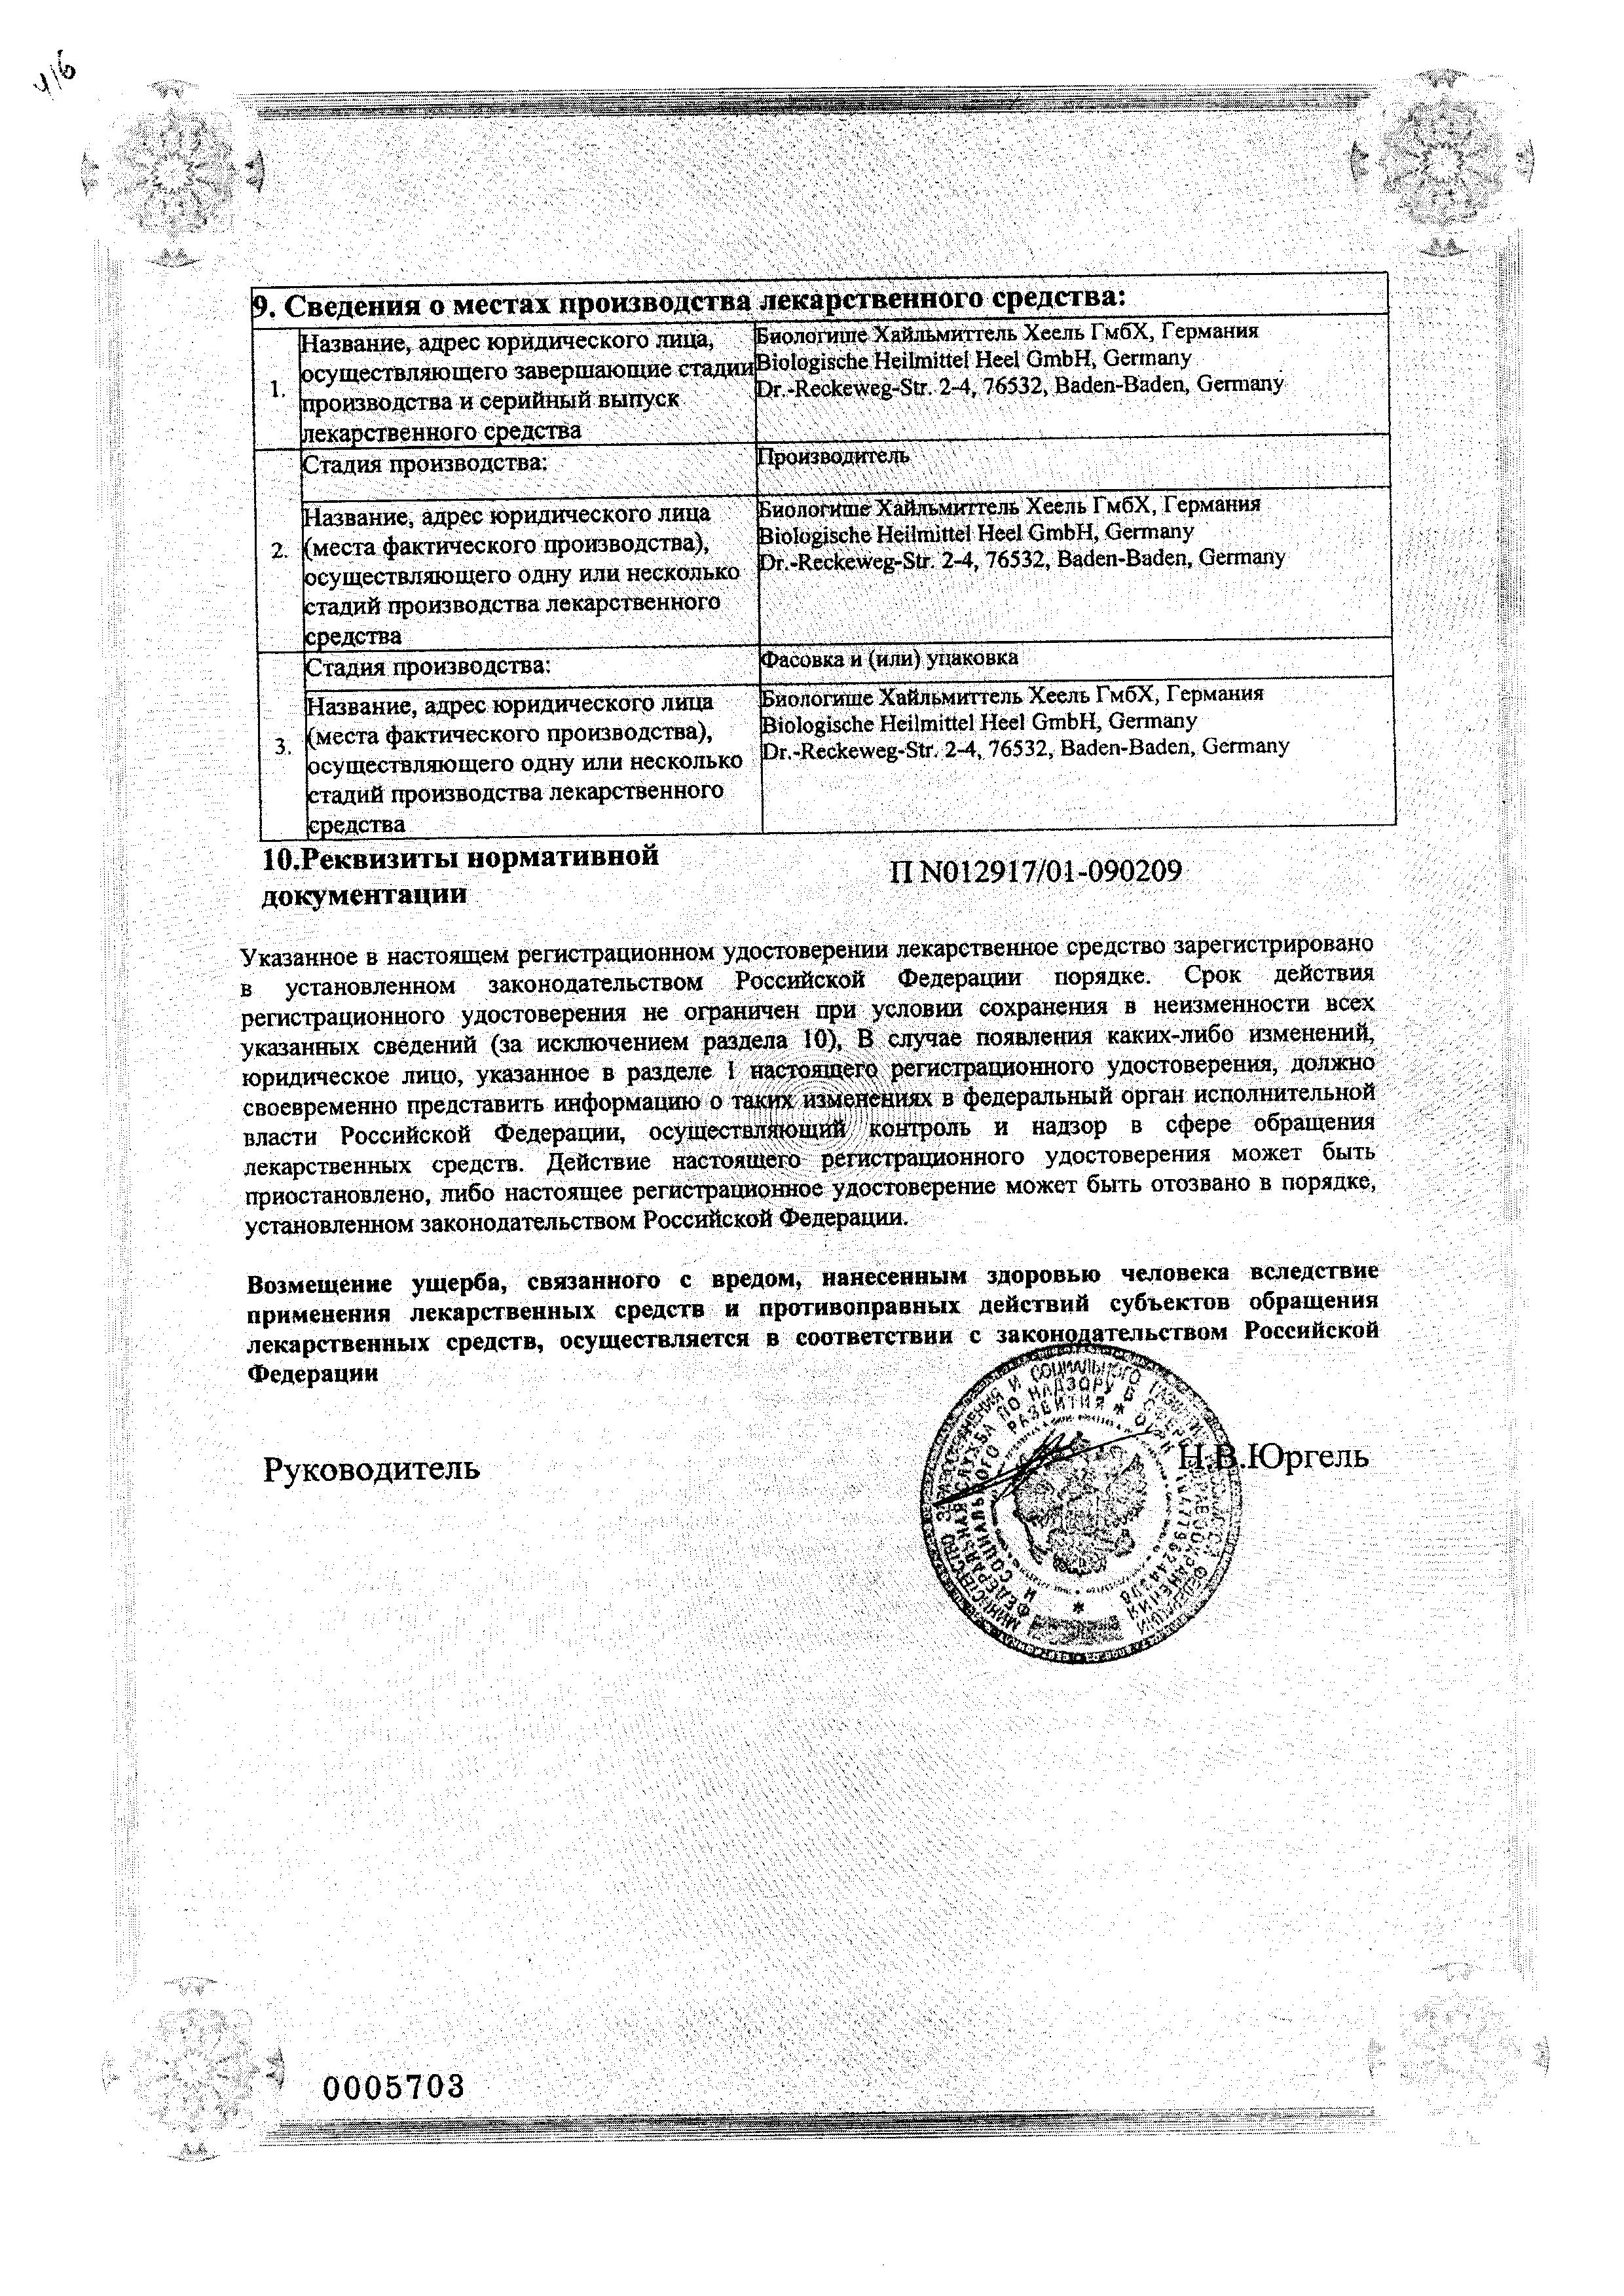 Гепар композитум сертификат